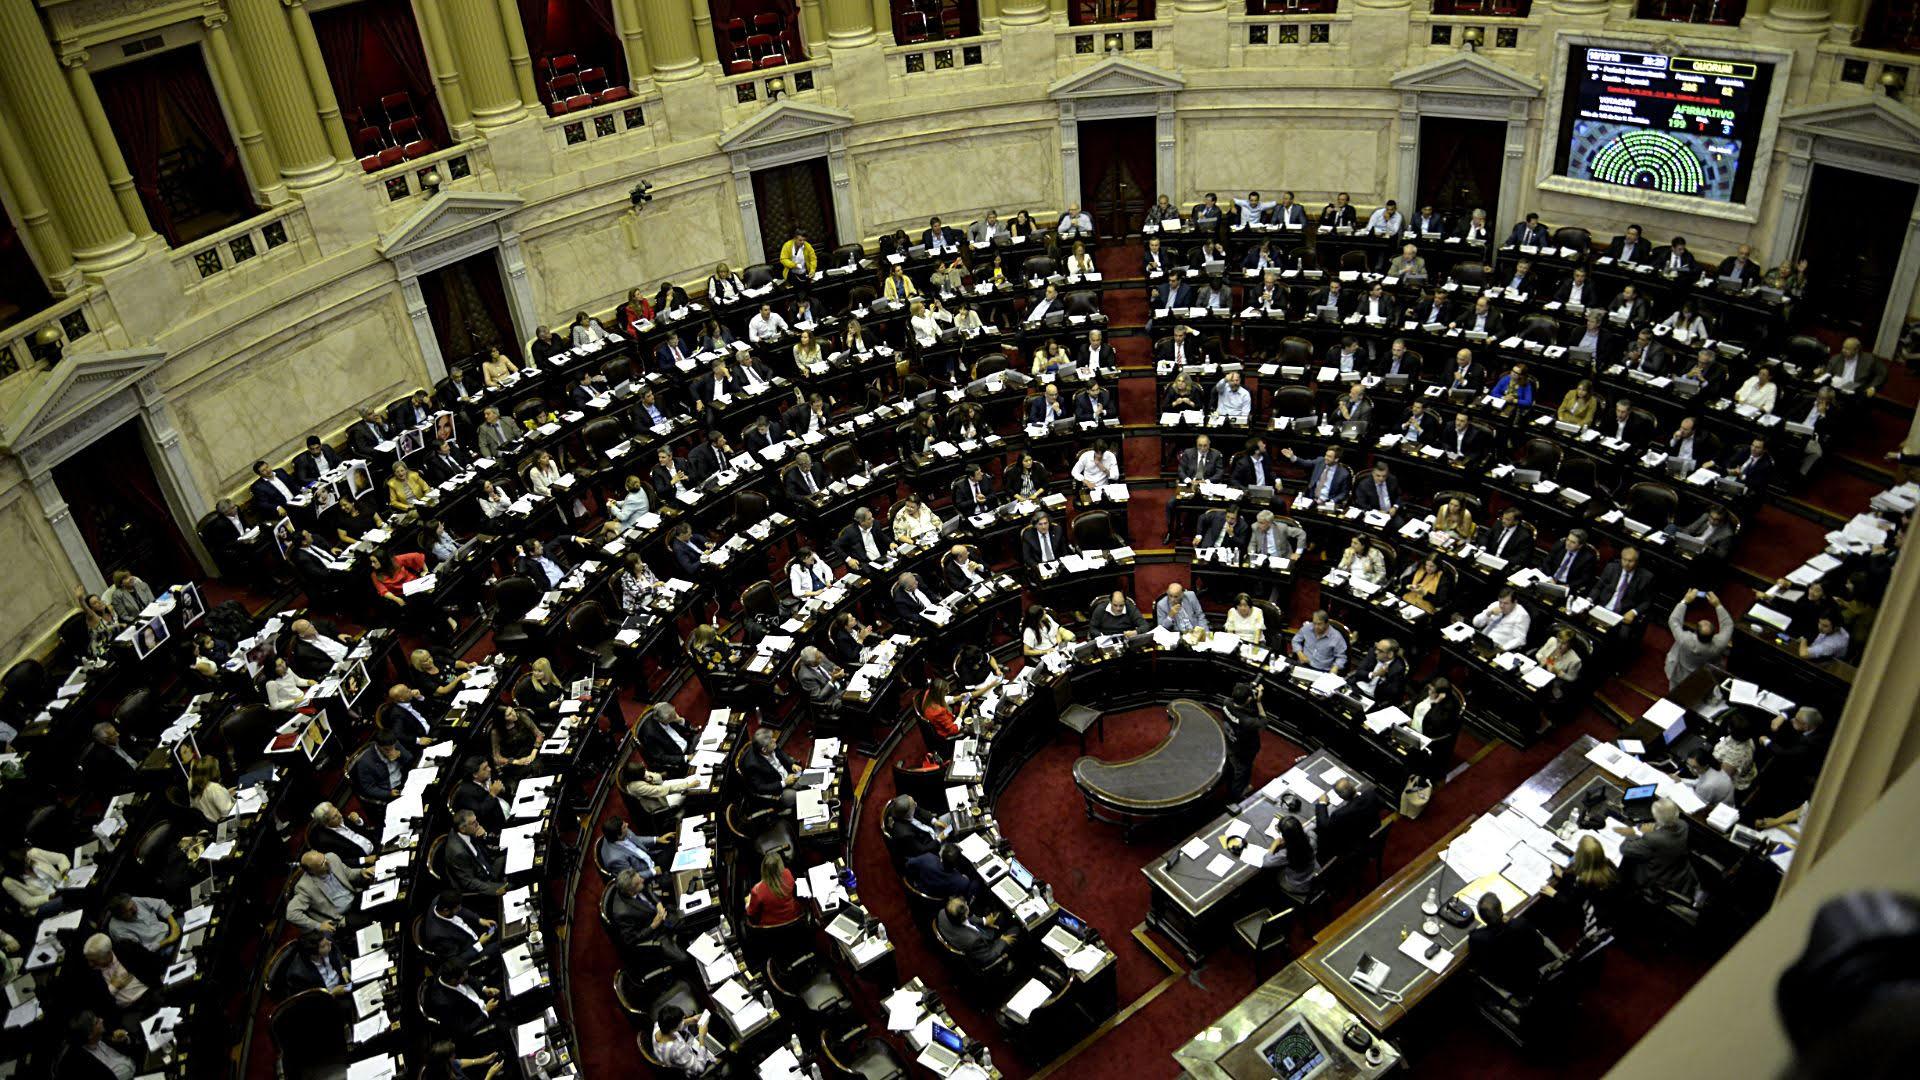 La primera sesión en Diputados será el 27 de marzo (Gustavo Gavotti)